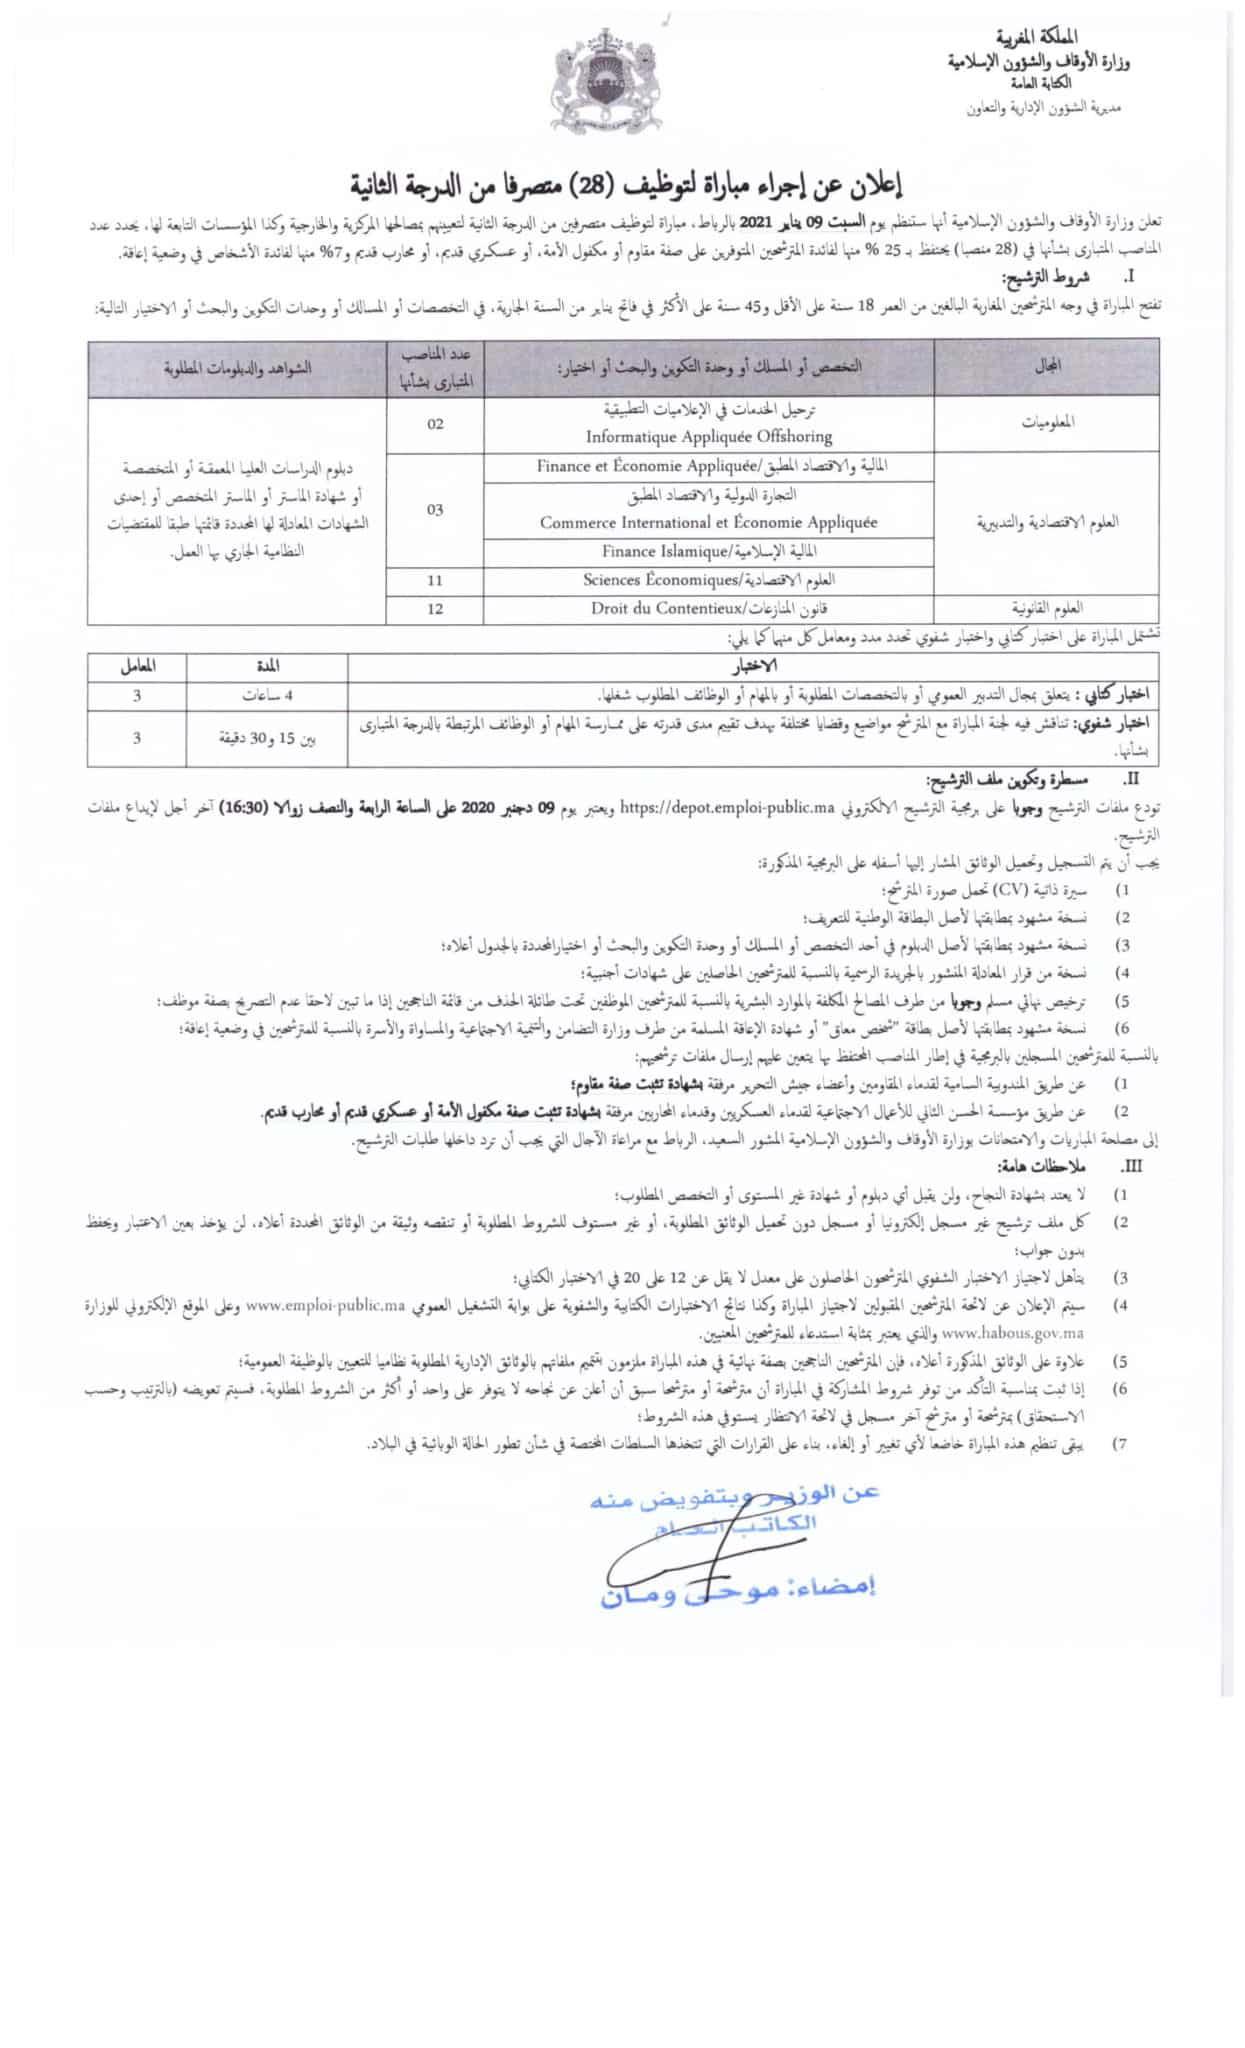 وزارة الأوقاف والشؤون الإسلامية مباراة توظيف 118 منصب تقنيين و اطر في عدة تخصصات آخر أجل 9 دجنبر 2020 Le_min11